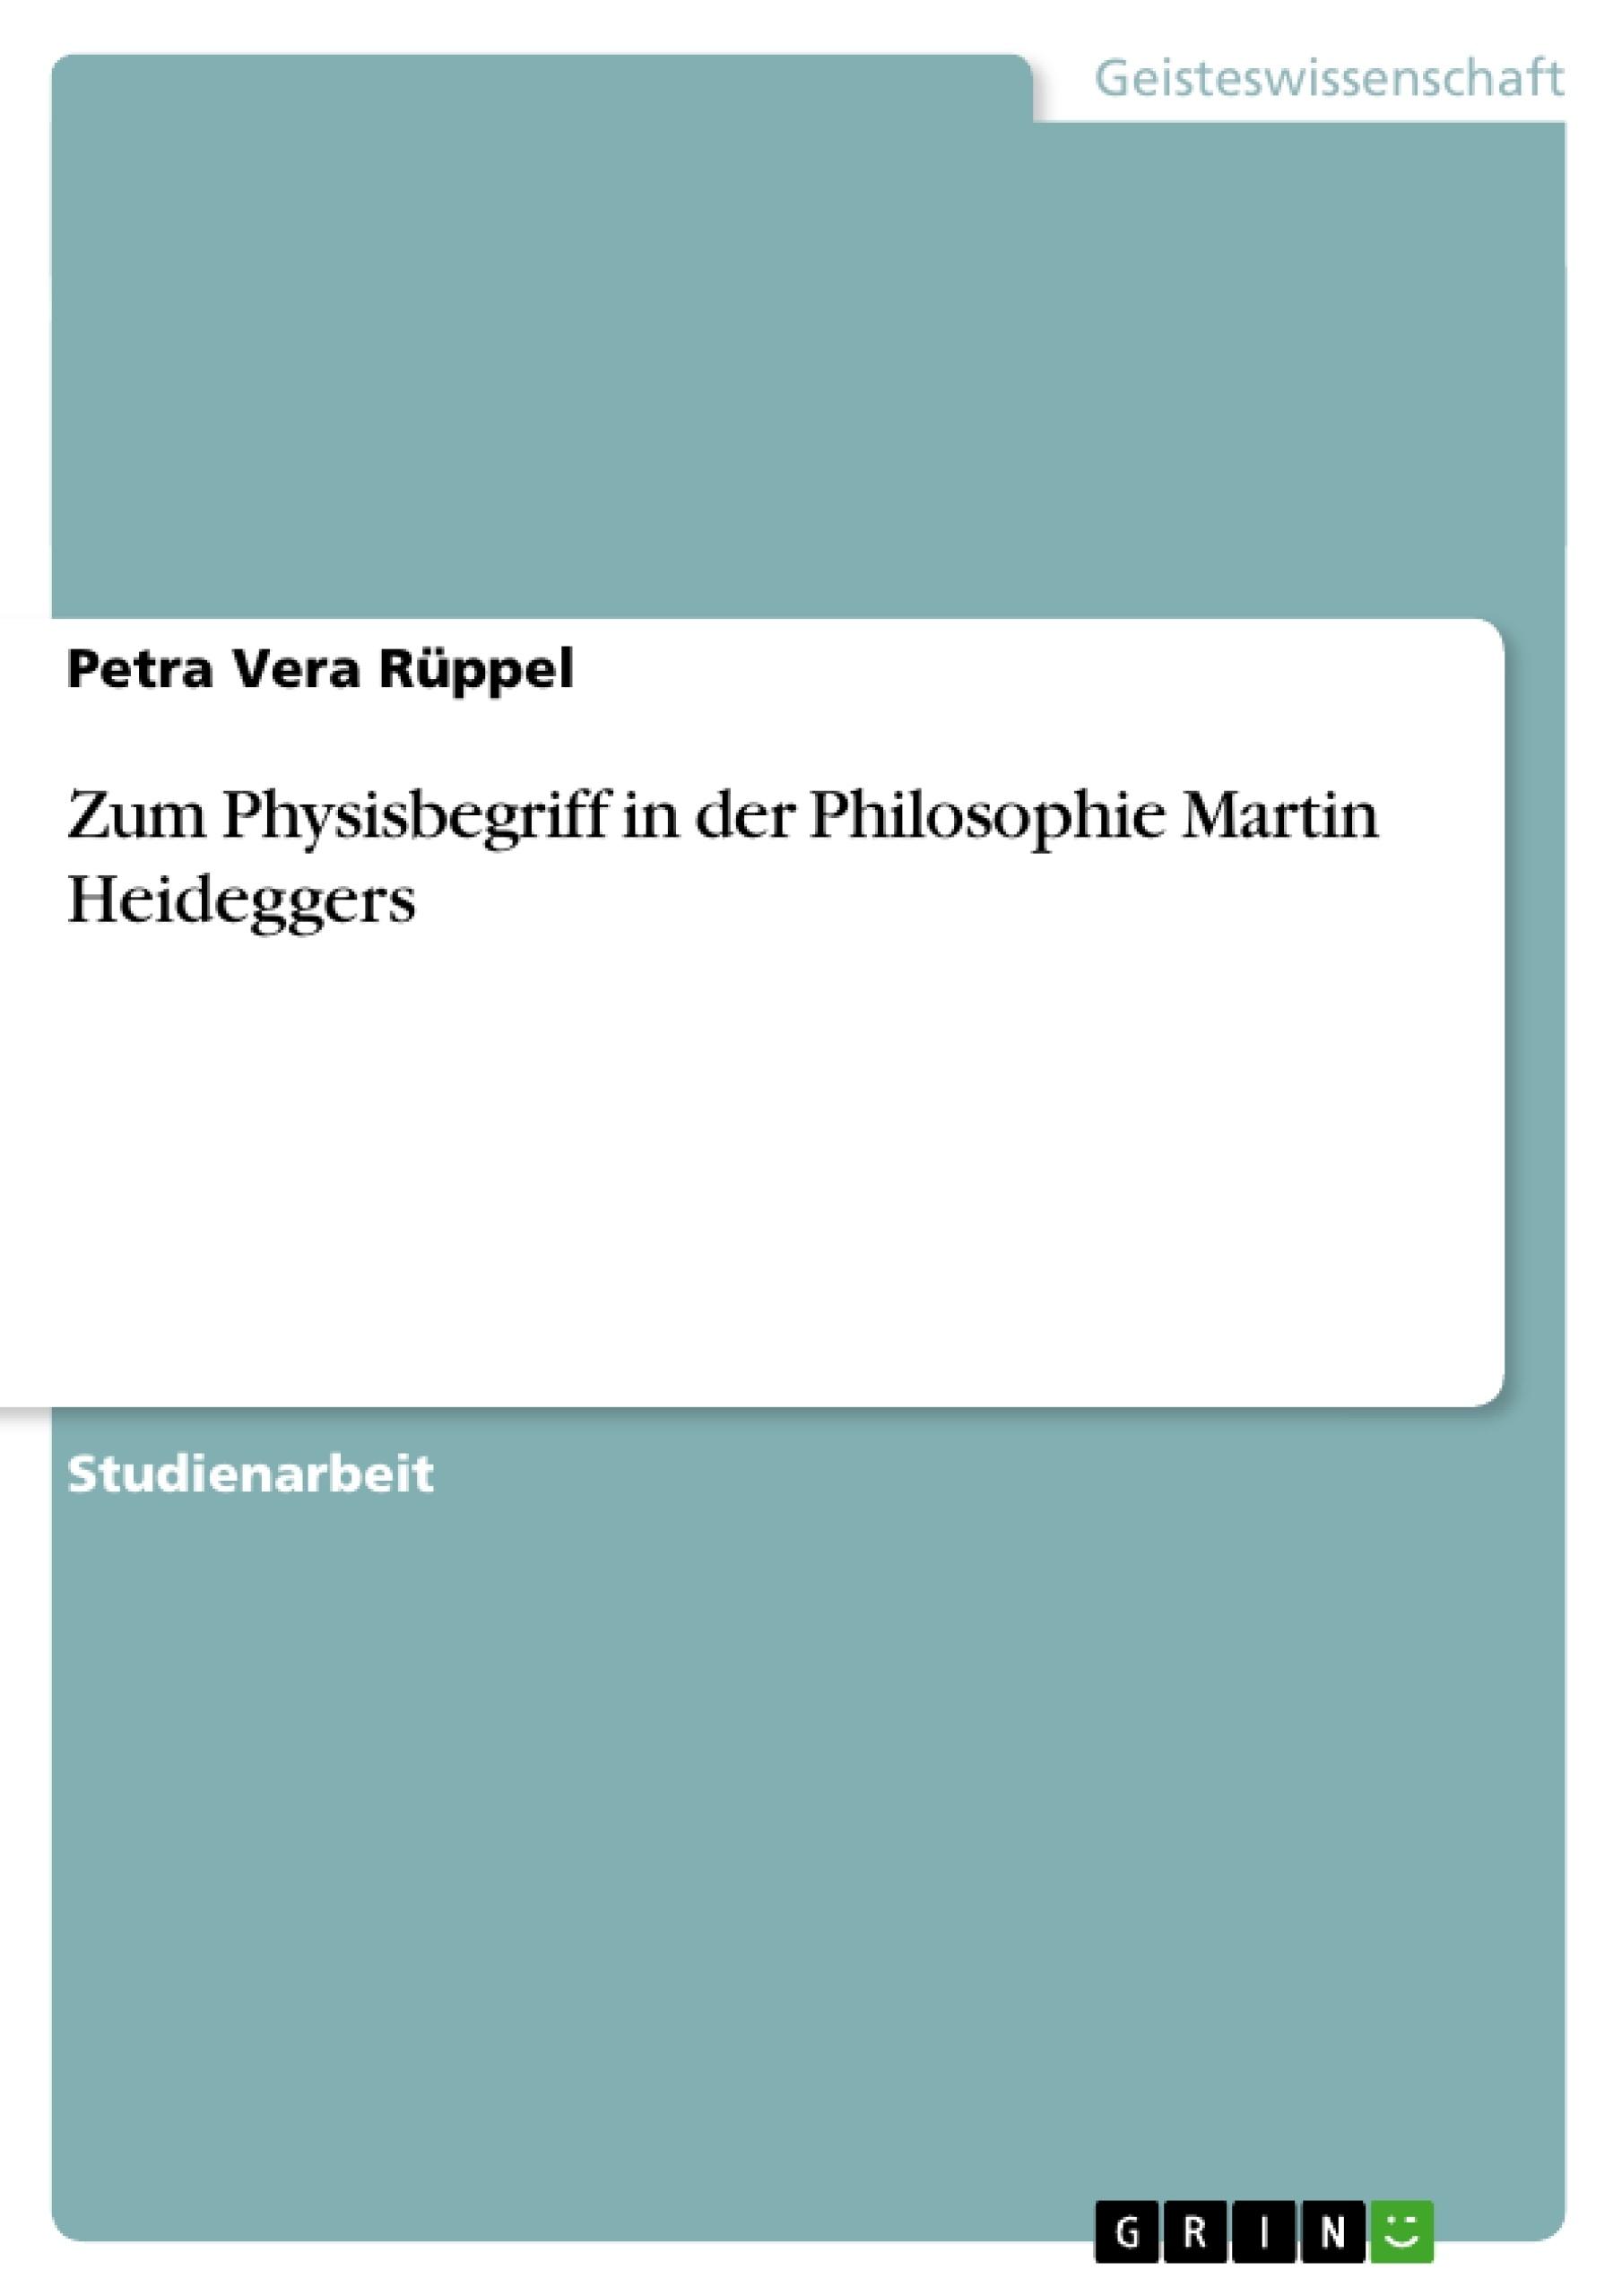 Titel: Zum Physisbegriff in der Philosophie Martin Heideggers